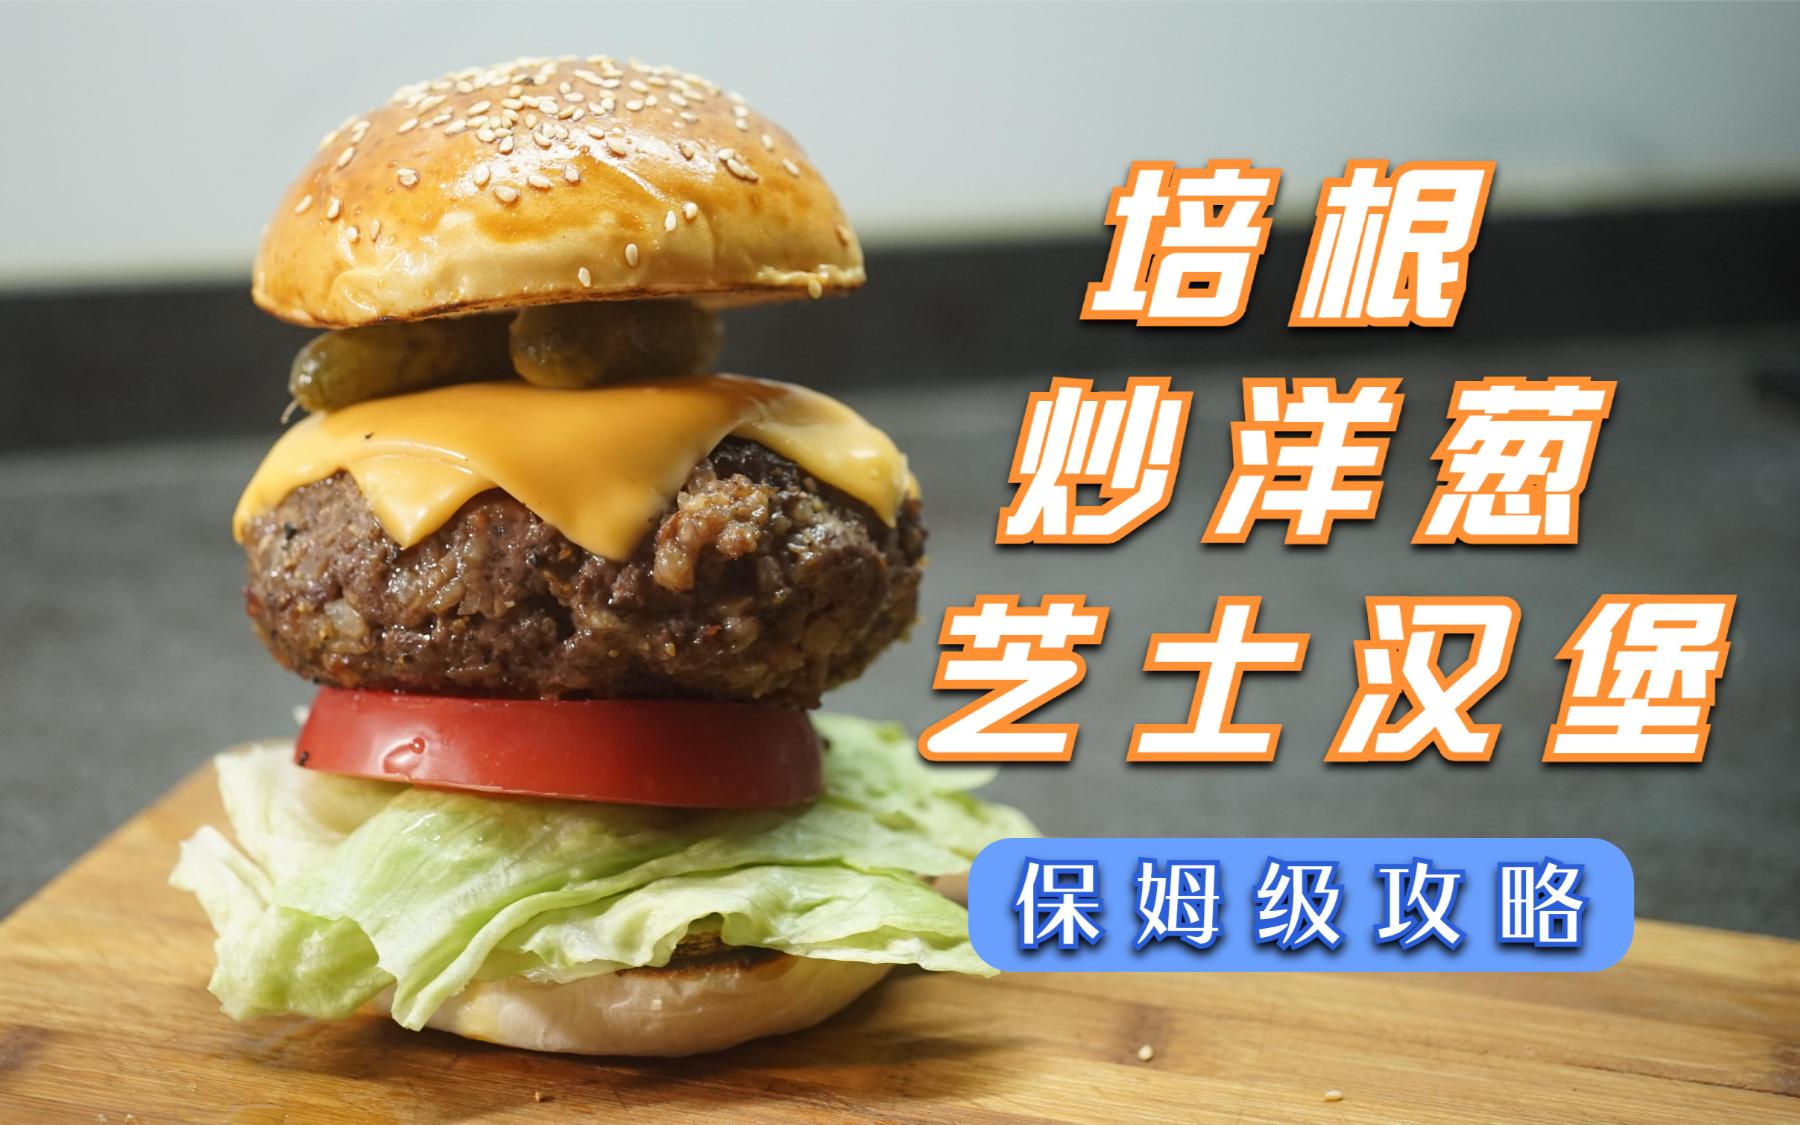 【4K】脆培根炒洋葱芝士汉堡